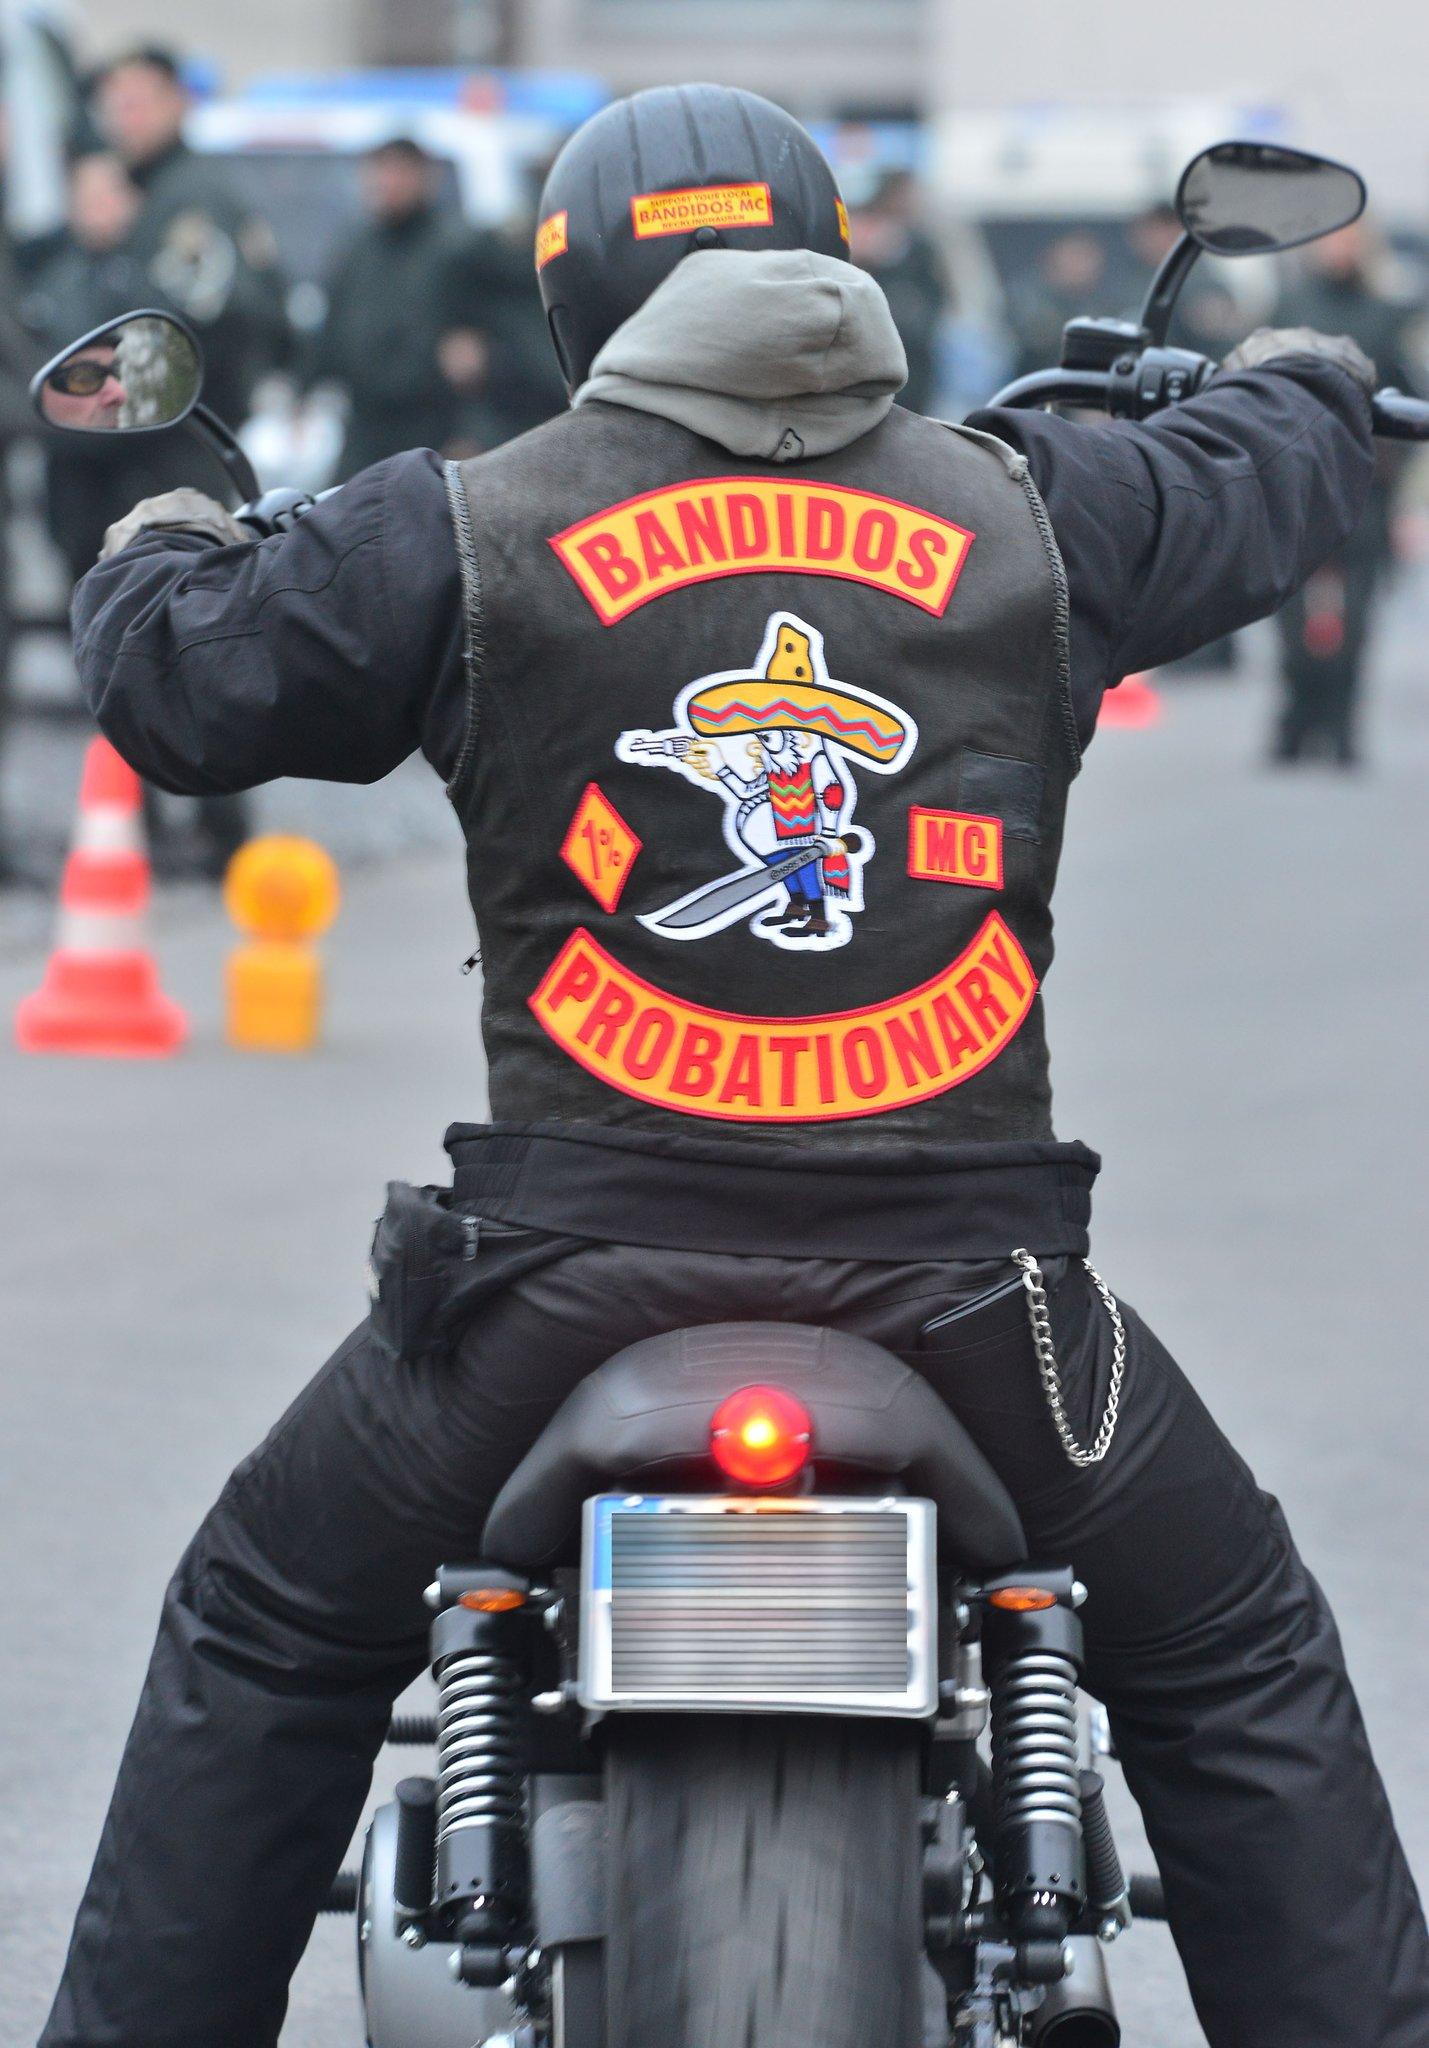 Recklinghausen: Massive Polizeipräsenz bei Bandidos..